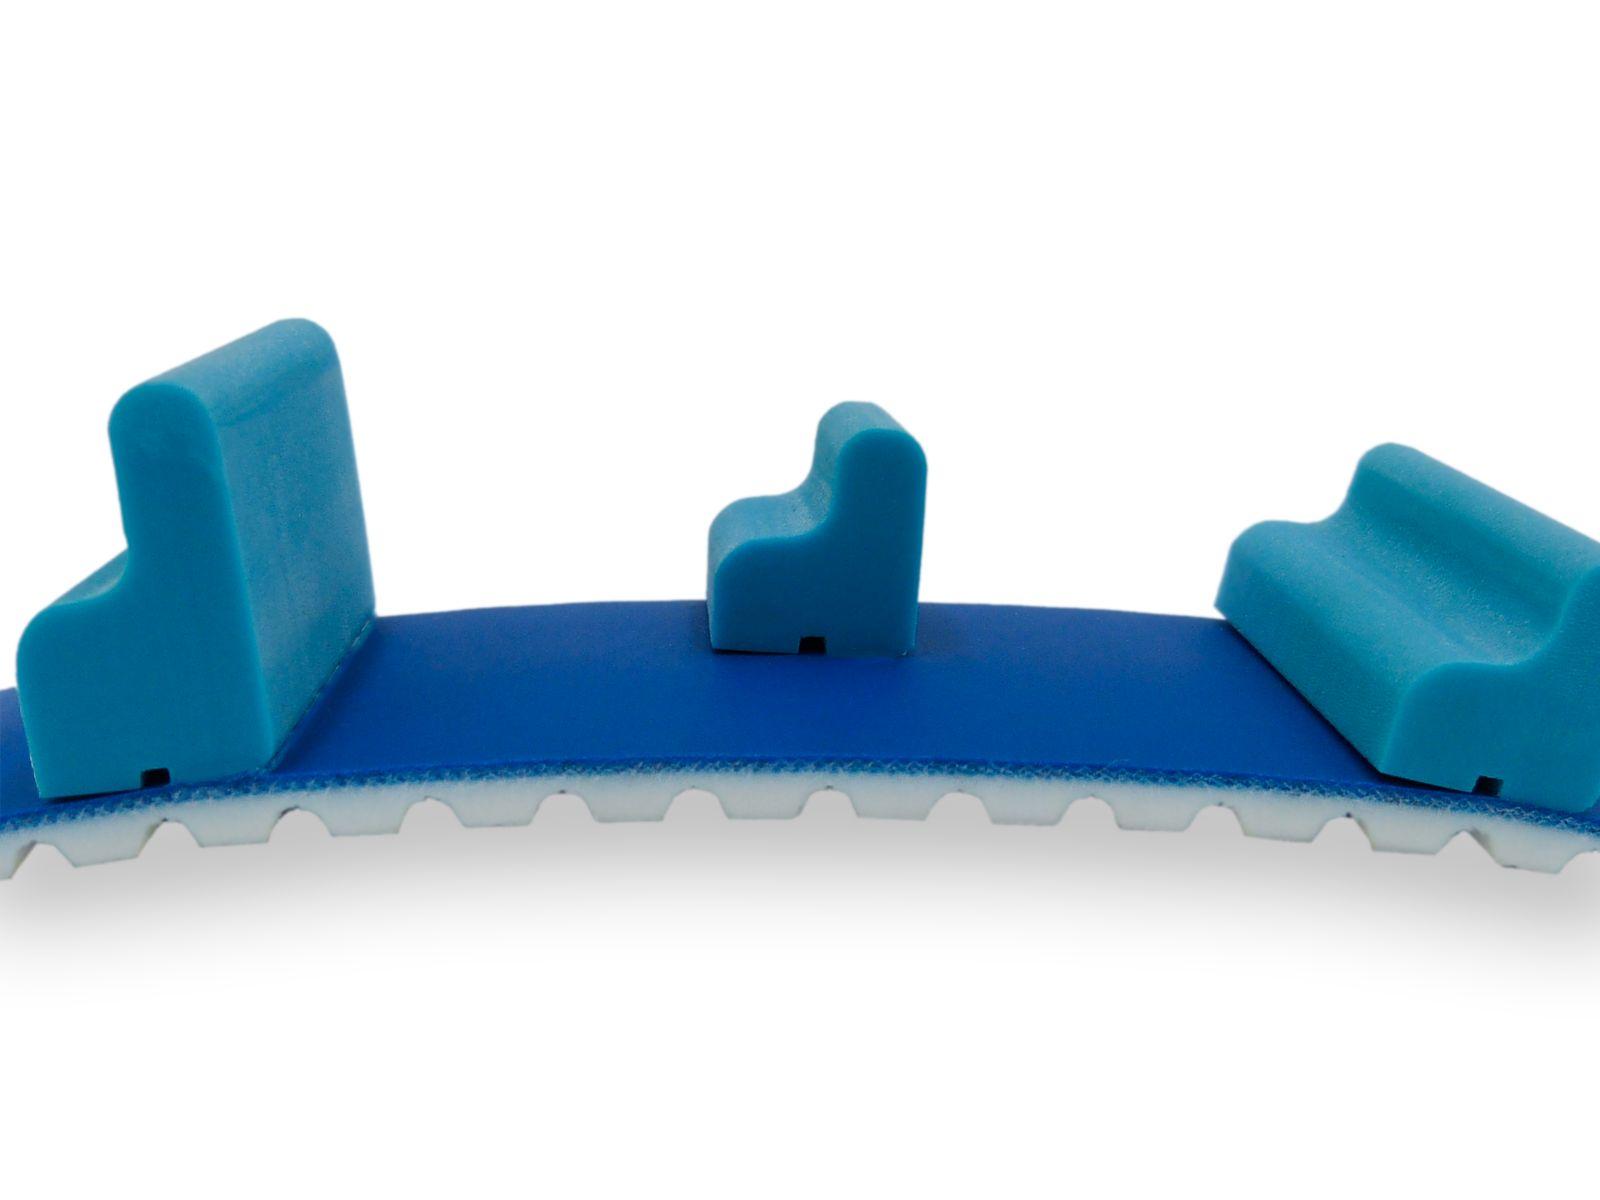 Cinghia dentata AT10 con rivestimento blu e tasselli sagomati in PU a norme FDA